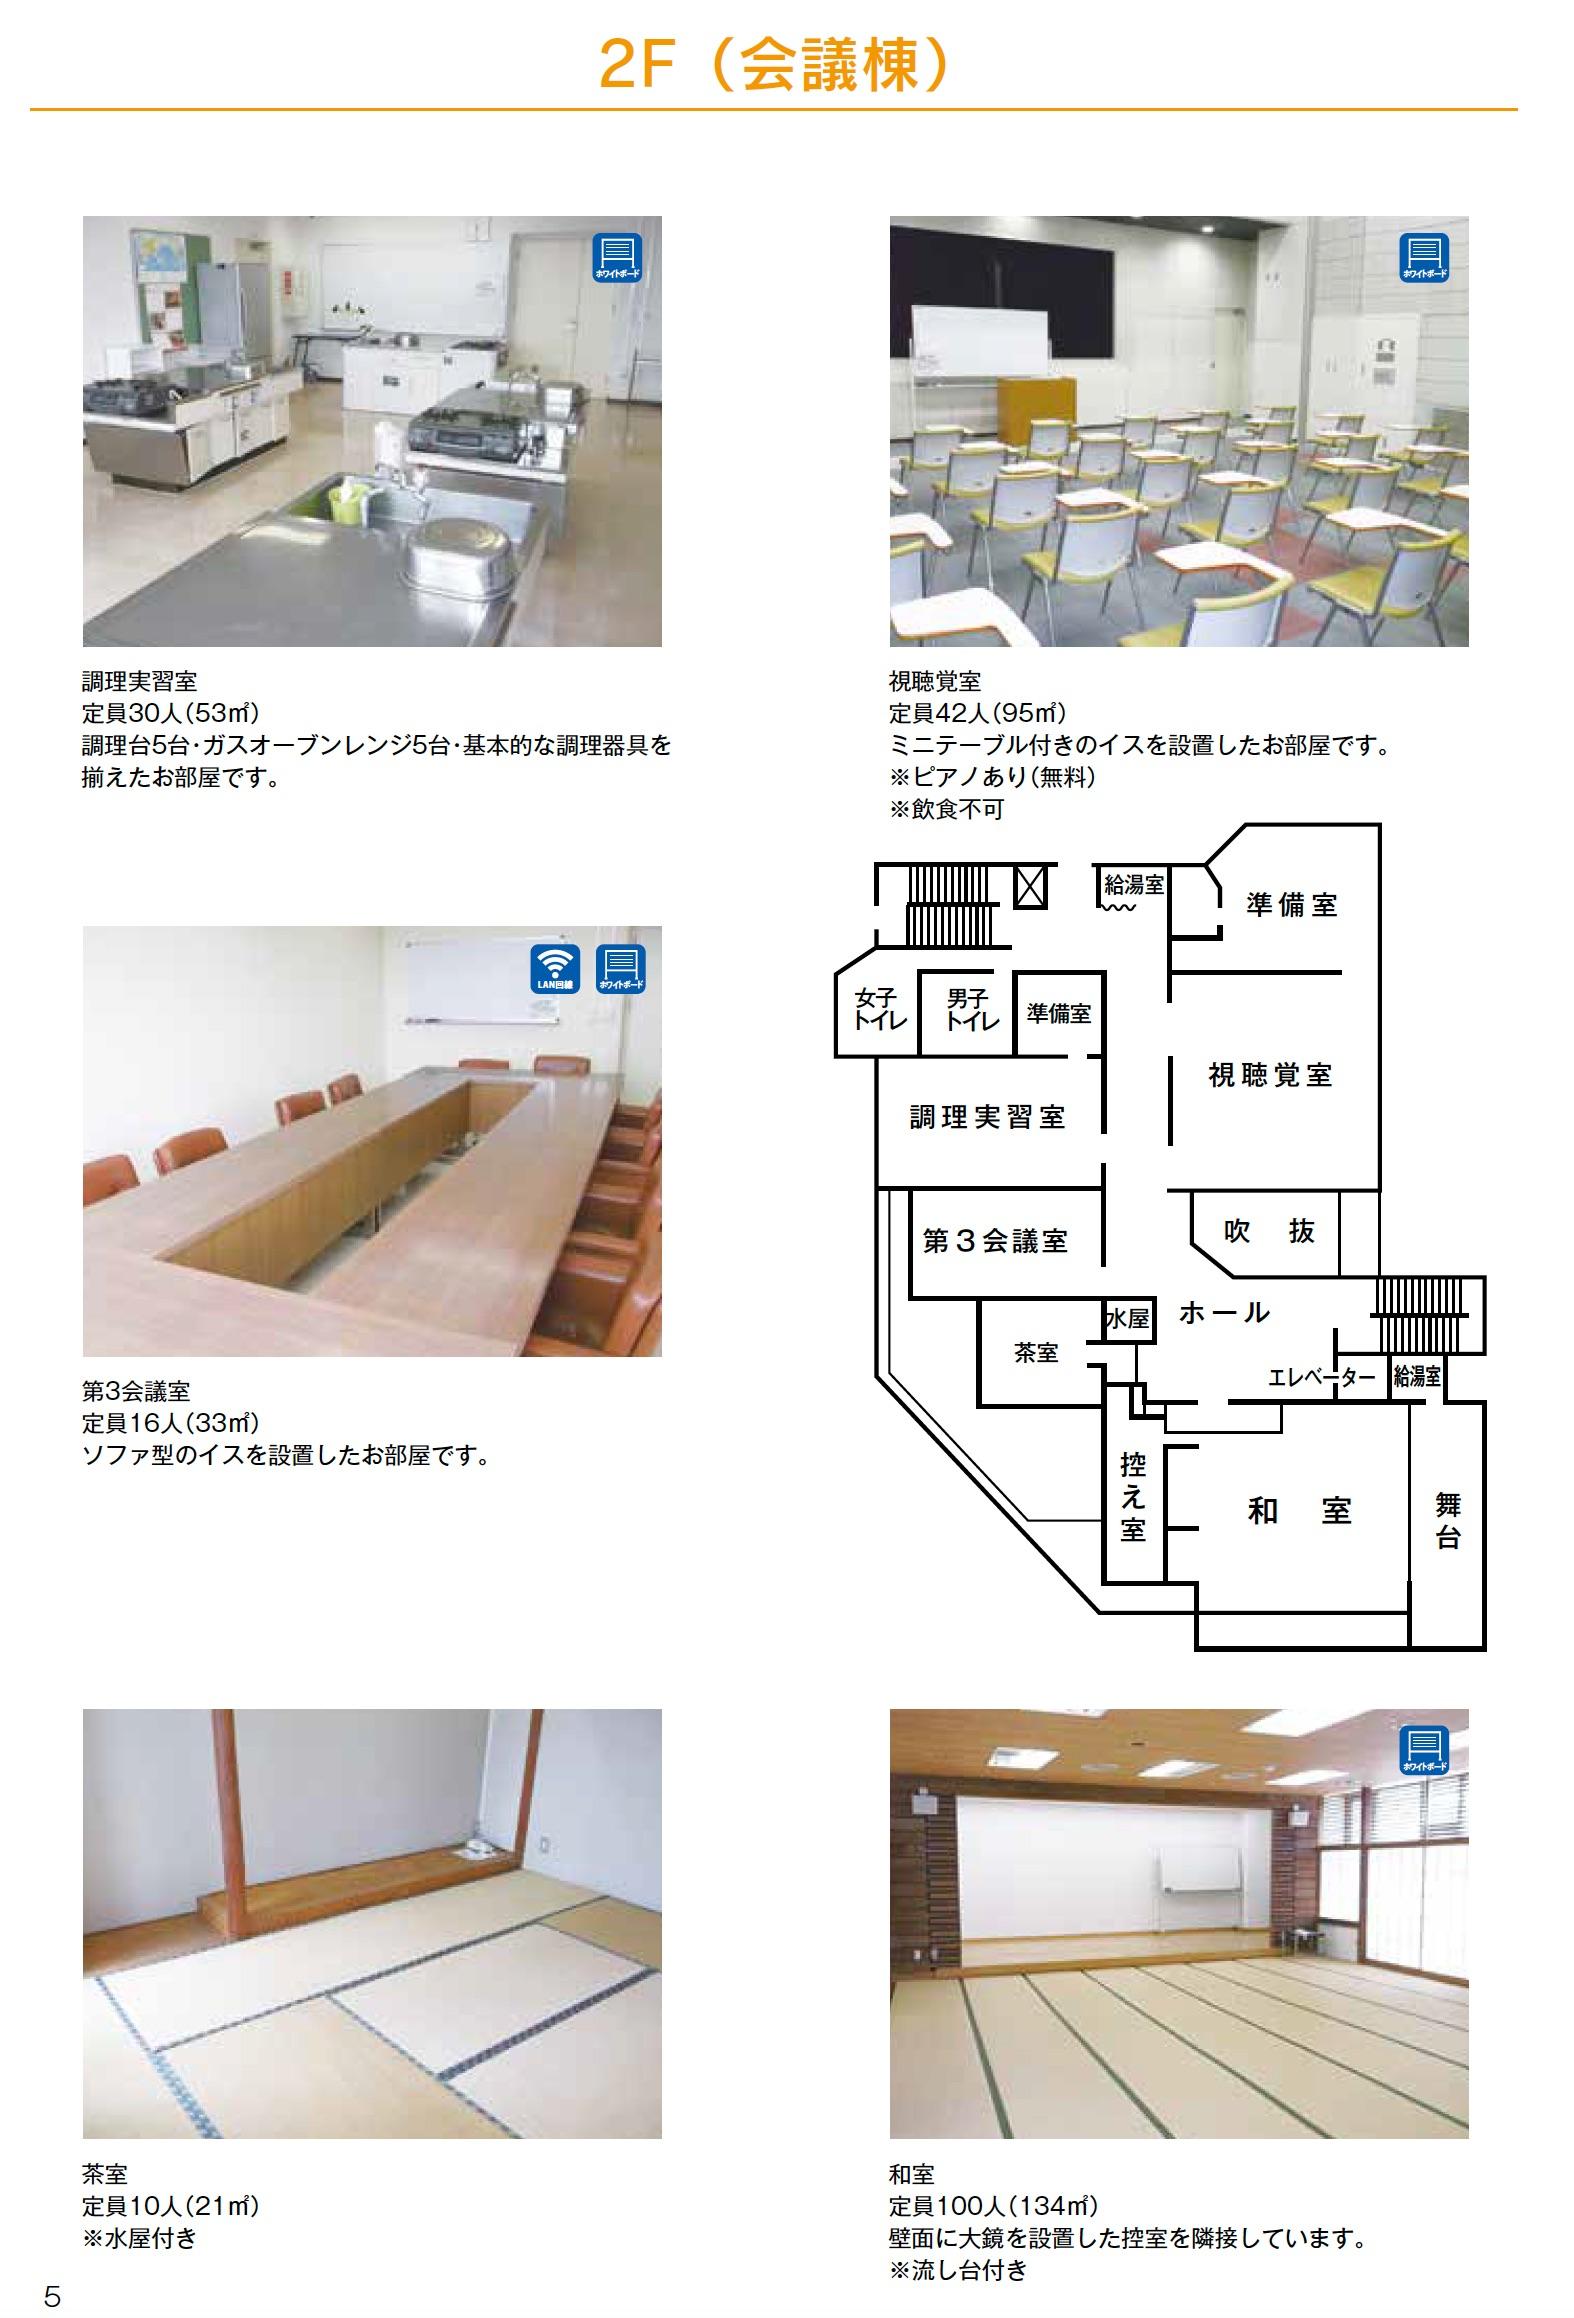 2F_会議棟